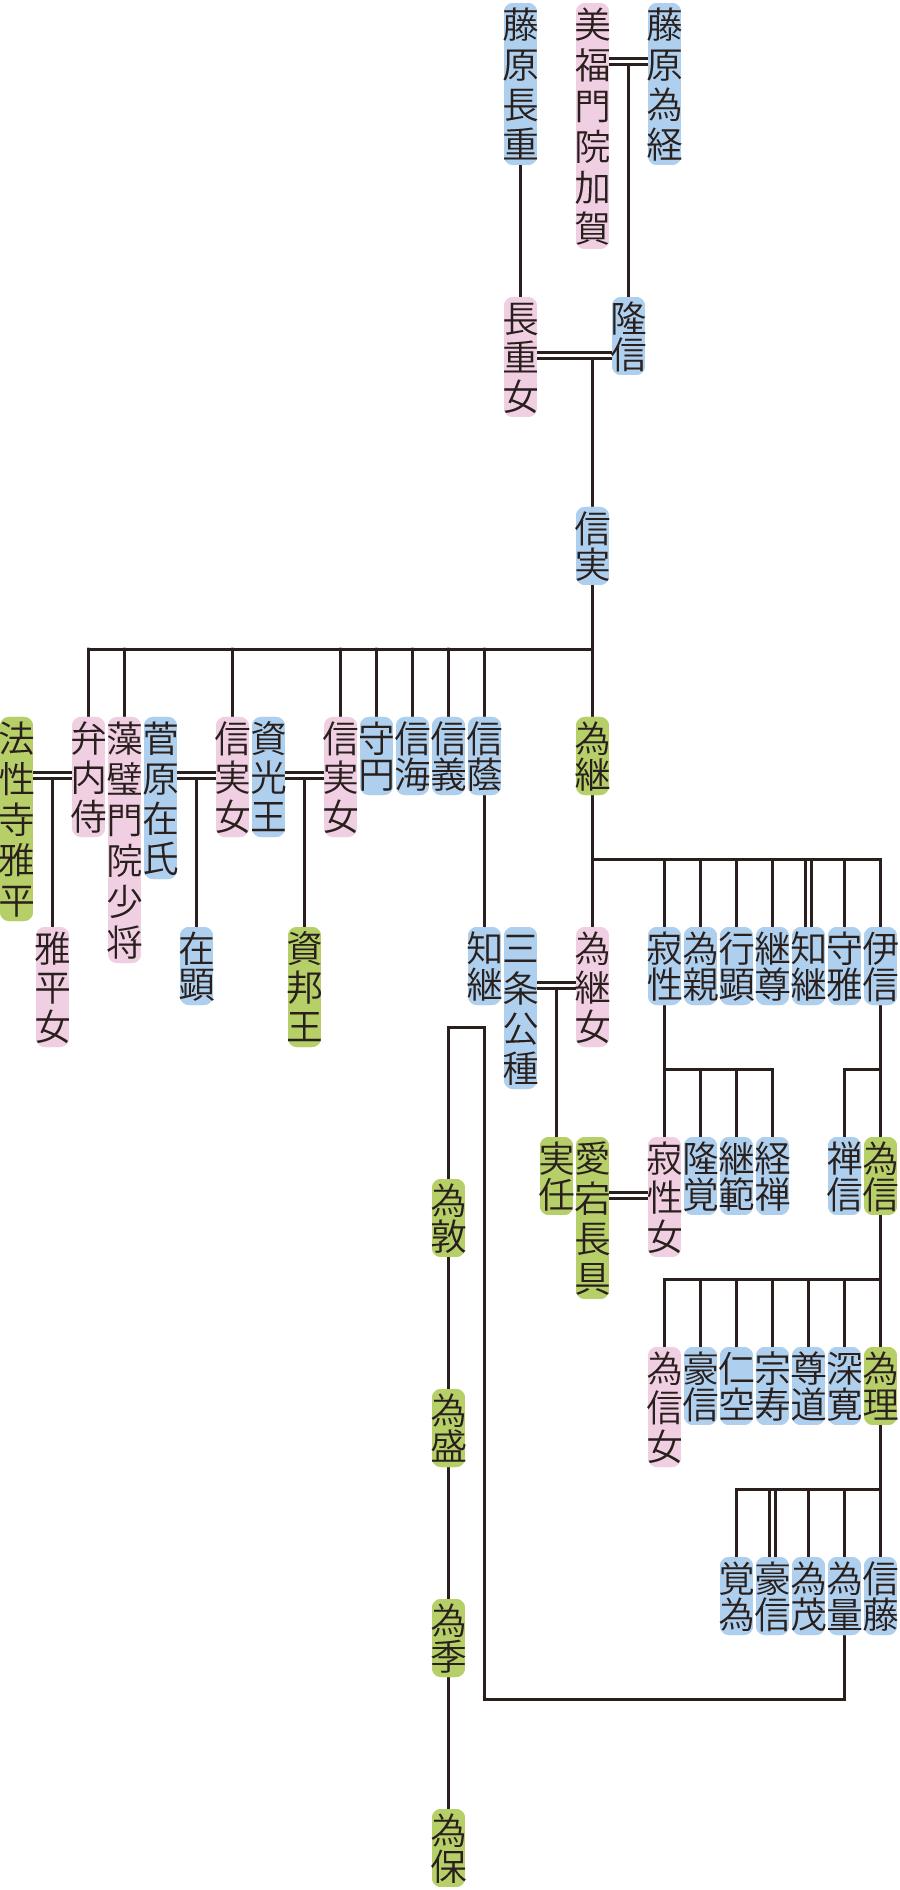 藤原信実の系図